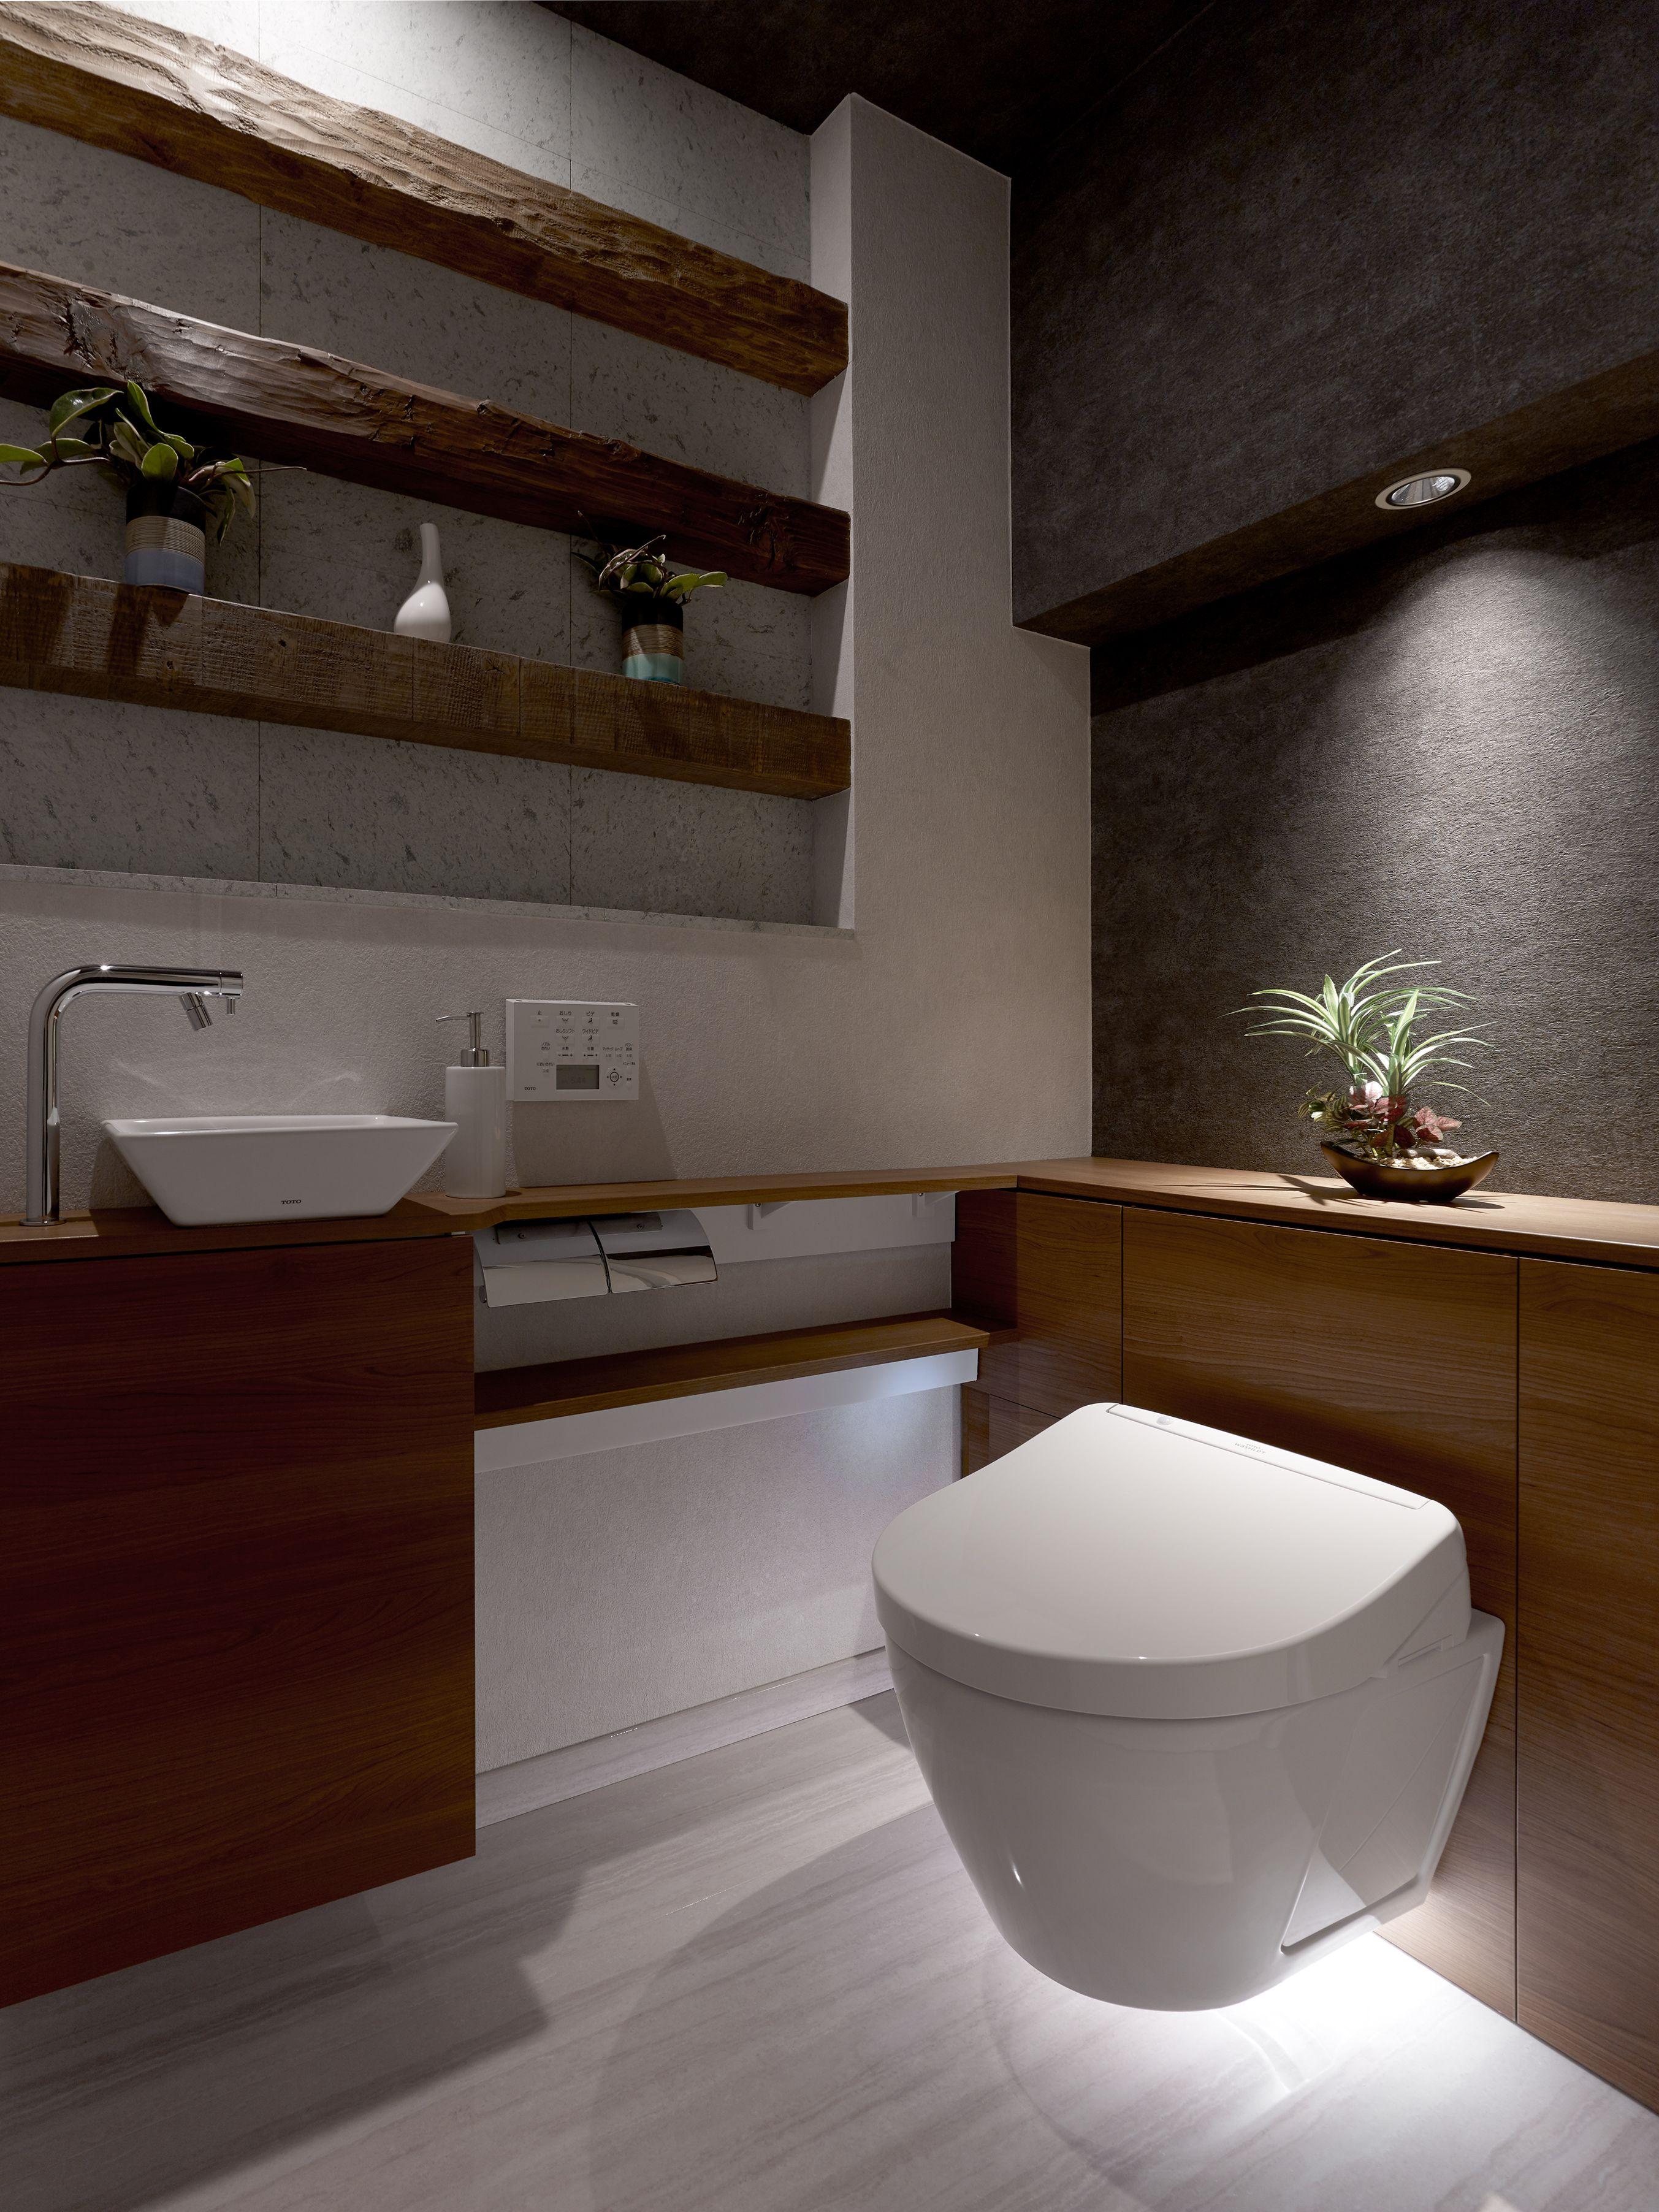 ミサワホームイングデザインリフォーム トイレのリフォーム 天然の